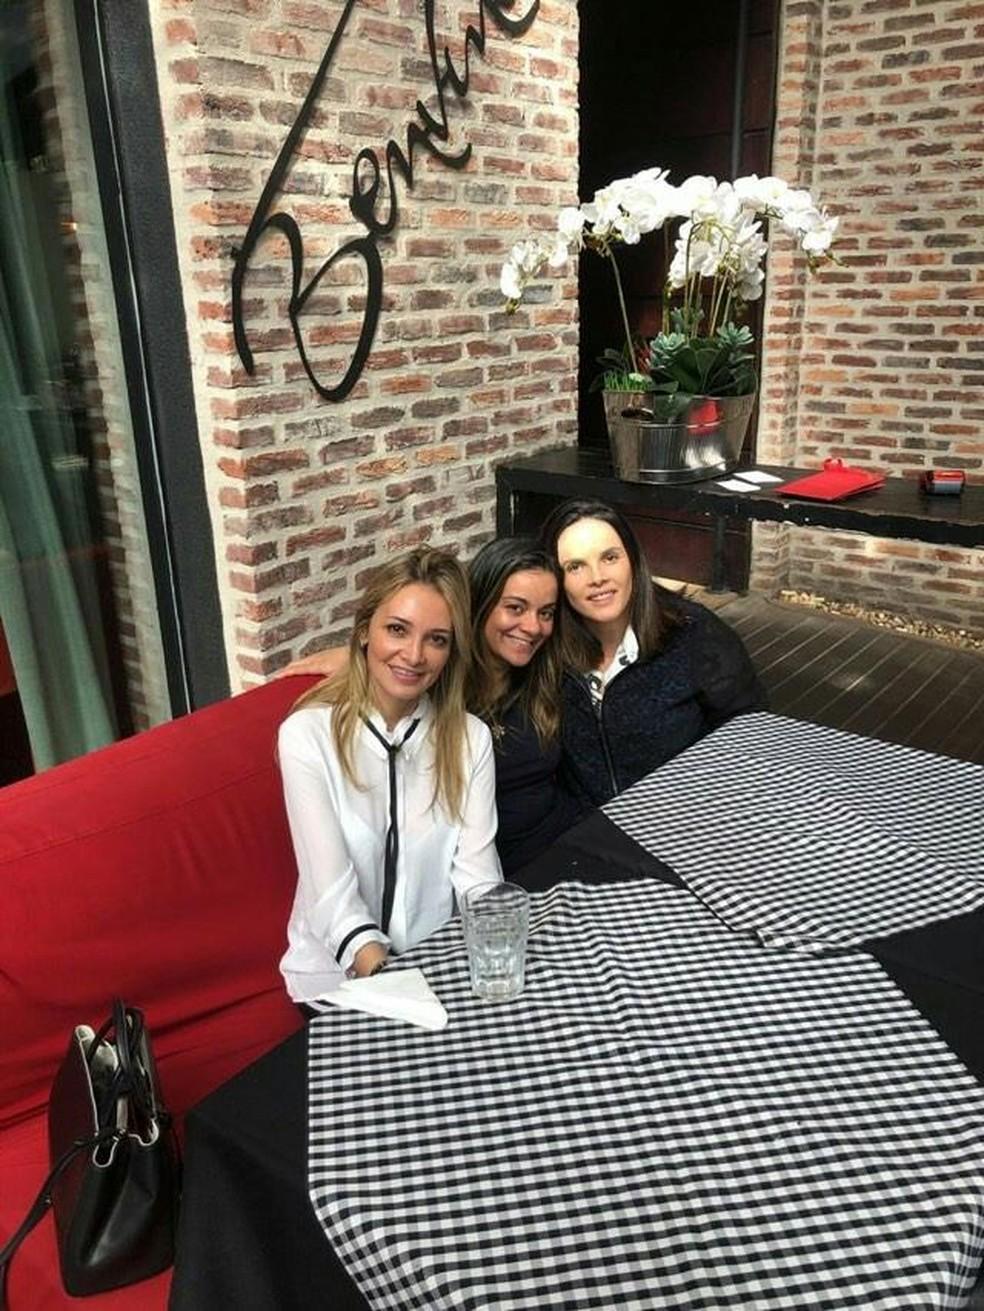 Daniela Zapata (de branco) com amigas no restaurante: cena chamou atenção e ela postou no Instagram — Foto: Daniela Zapata/Arquivo Pessoal